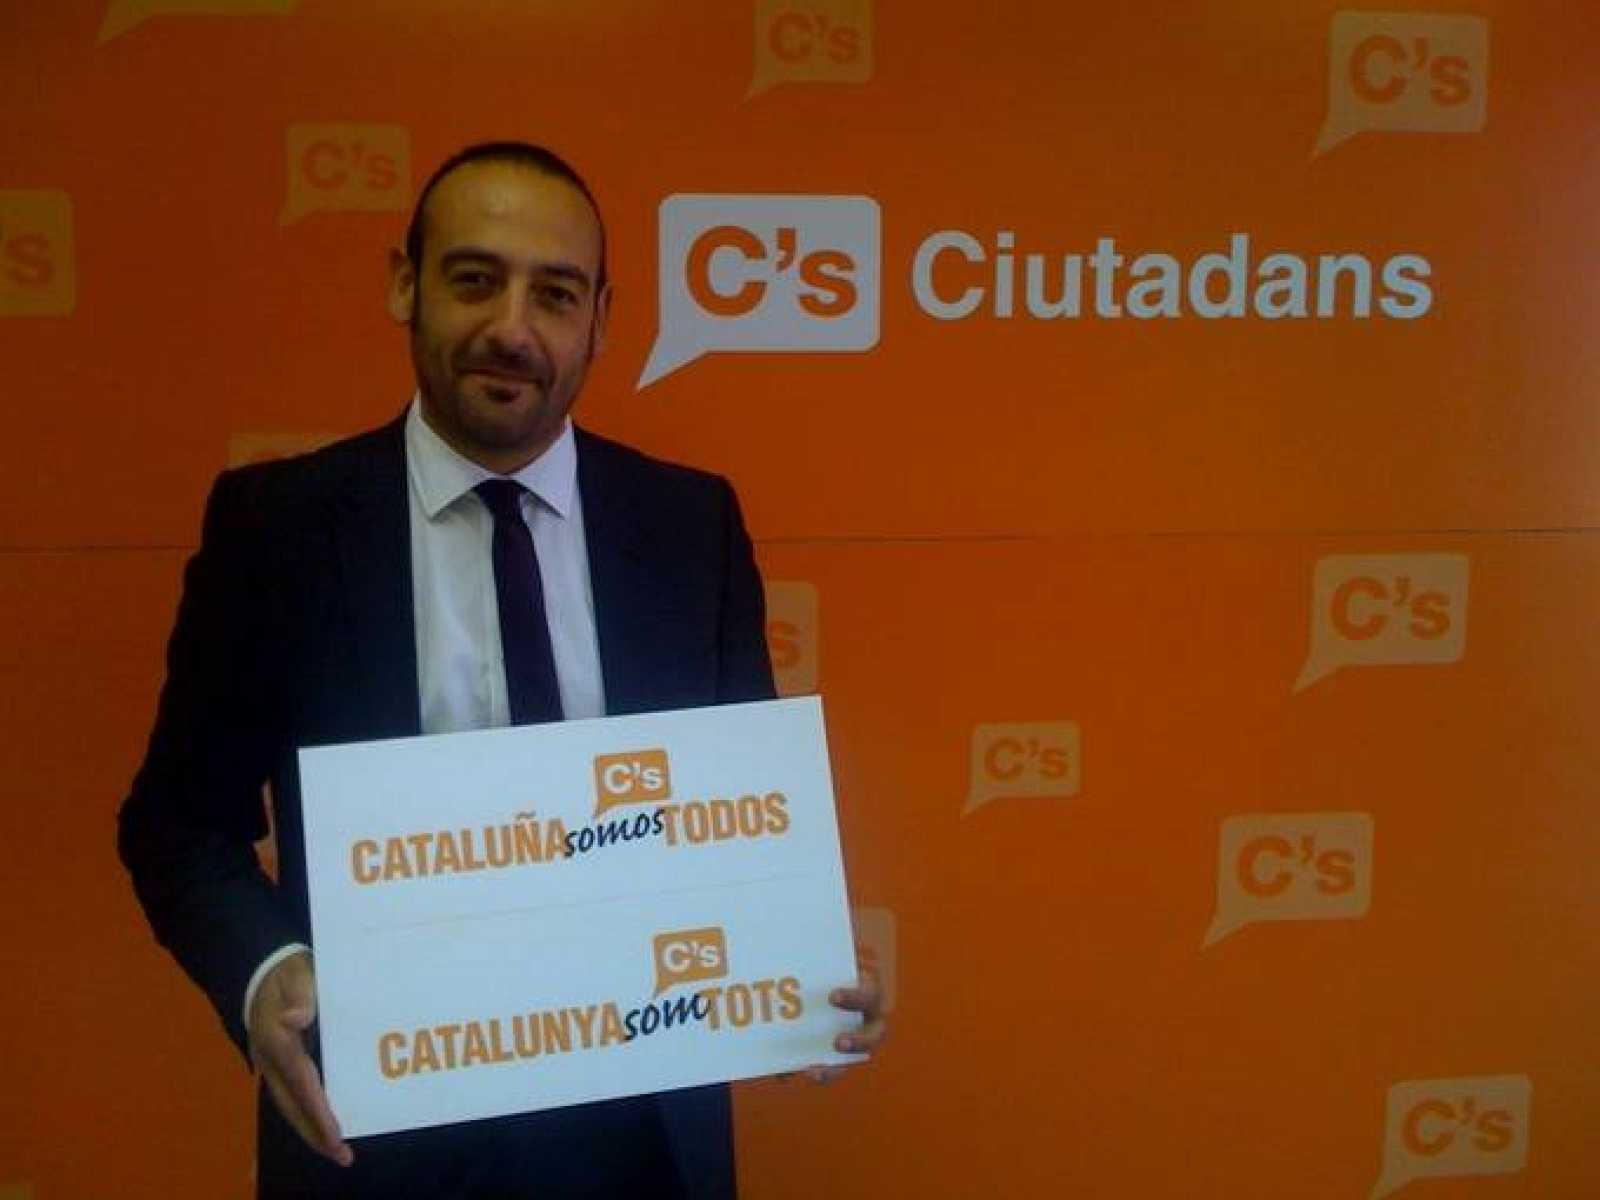 El portavoz del partido Ciutadans de Catalunya, Jordi Cañas.